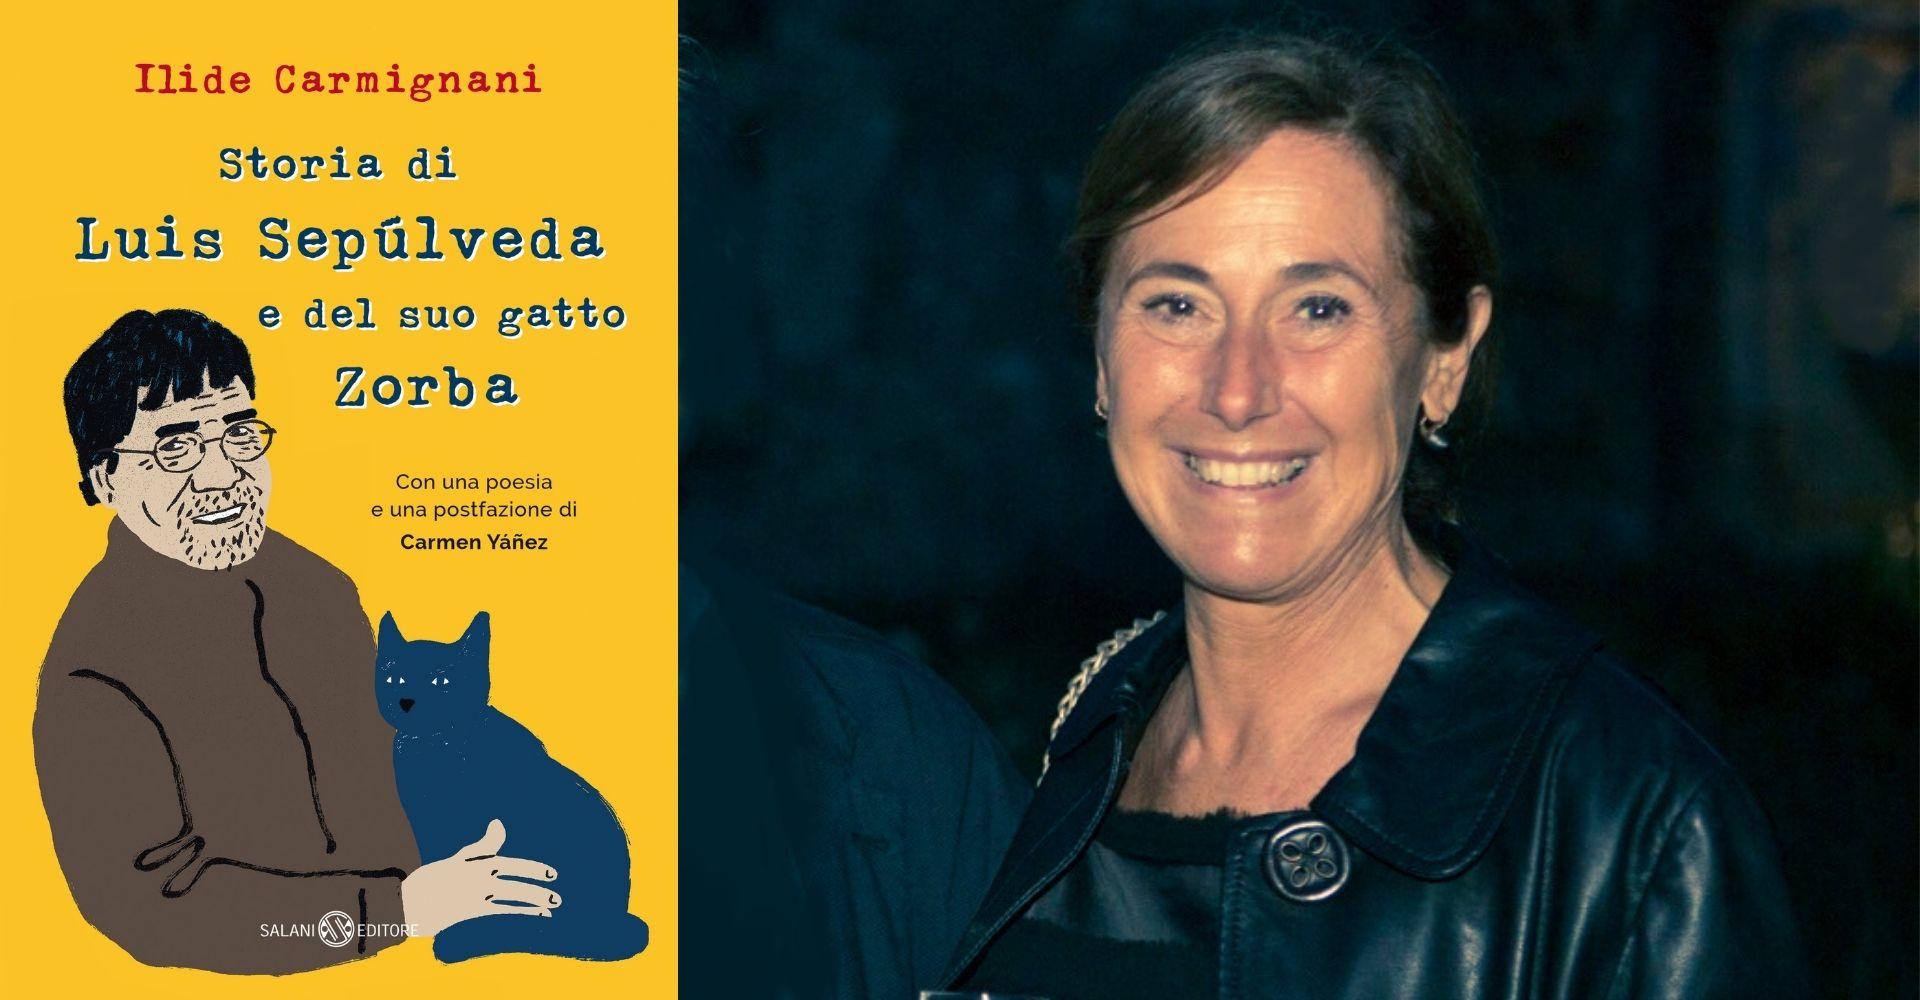 Storia di Luis Sepúlveda e di una traduttrice che diventò sua amica